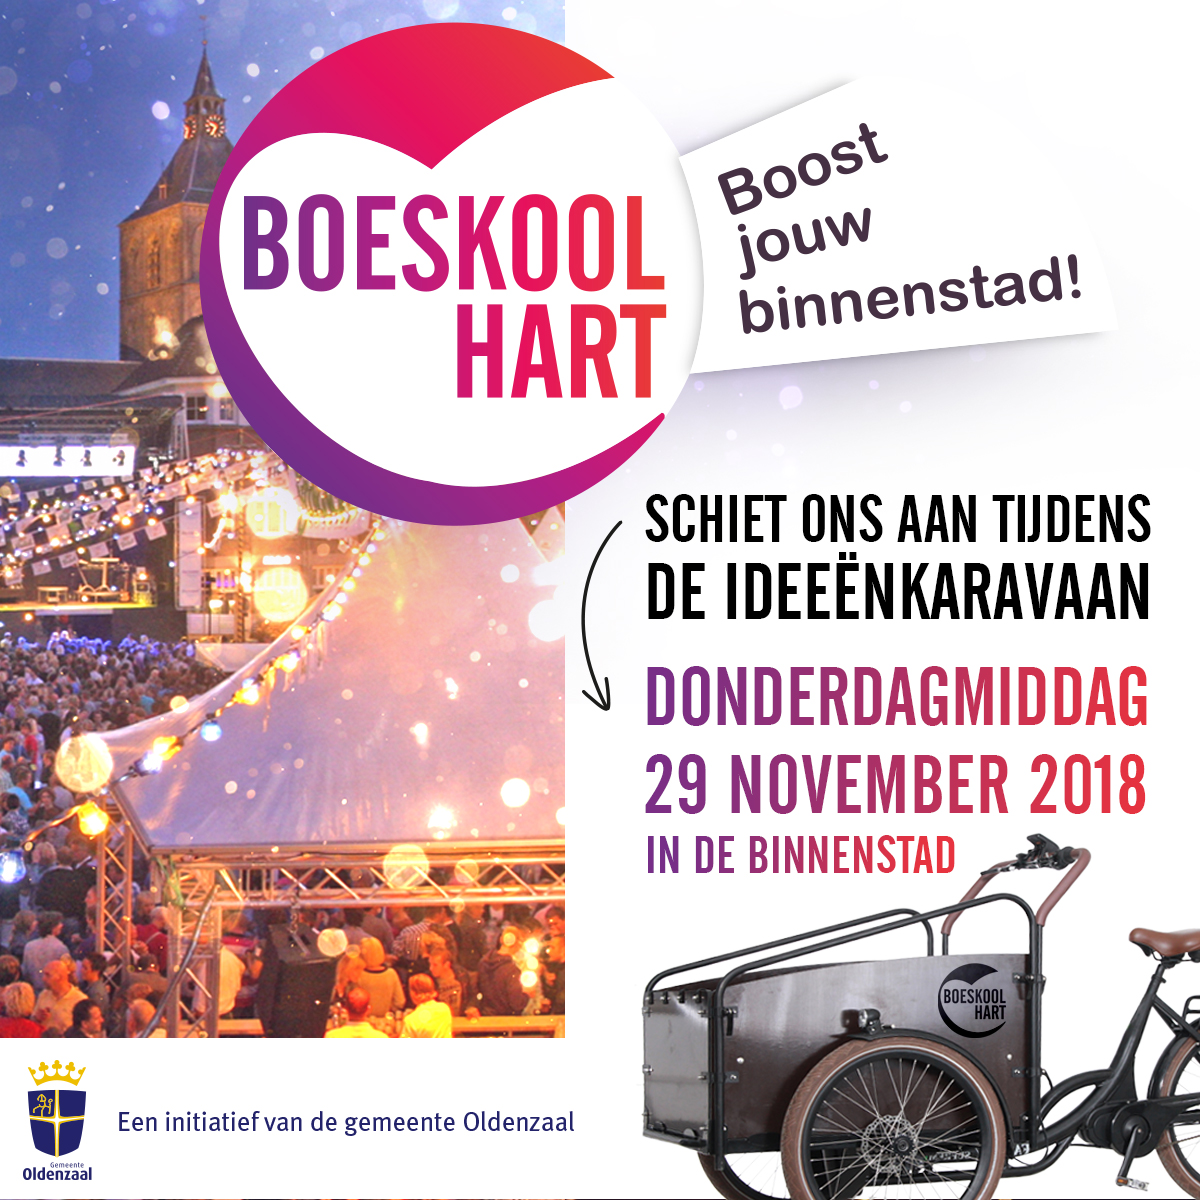 Facebookactie gemeente Oldenzaal (placemaking - placebranding)